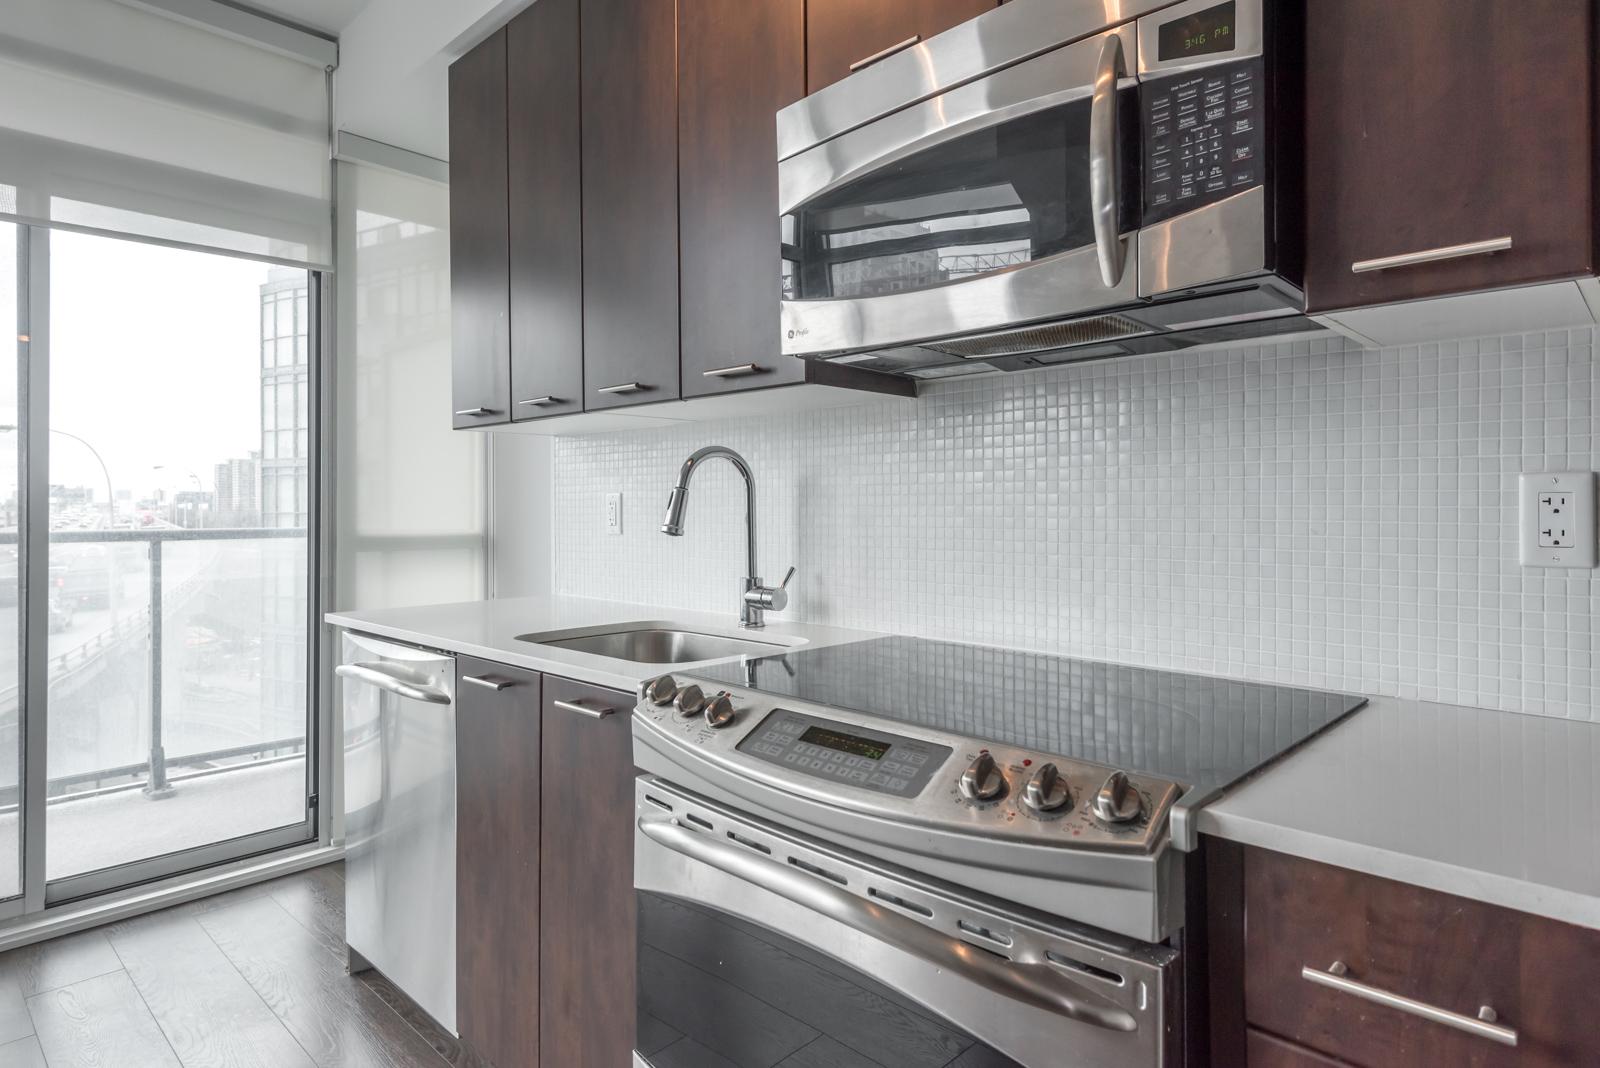 Photo of kitchen appliances.